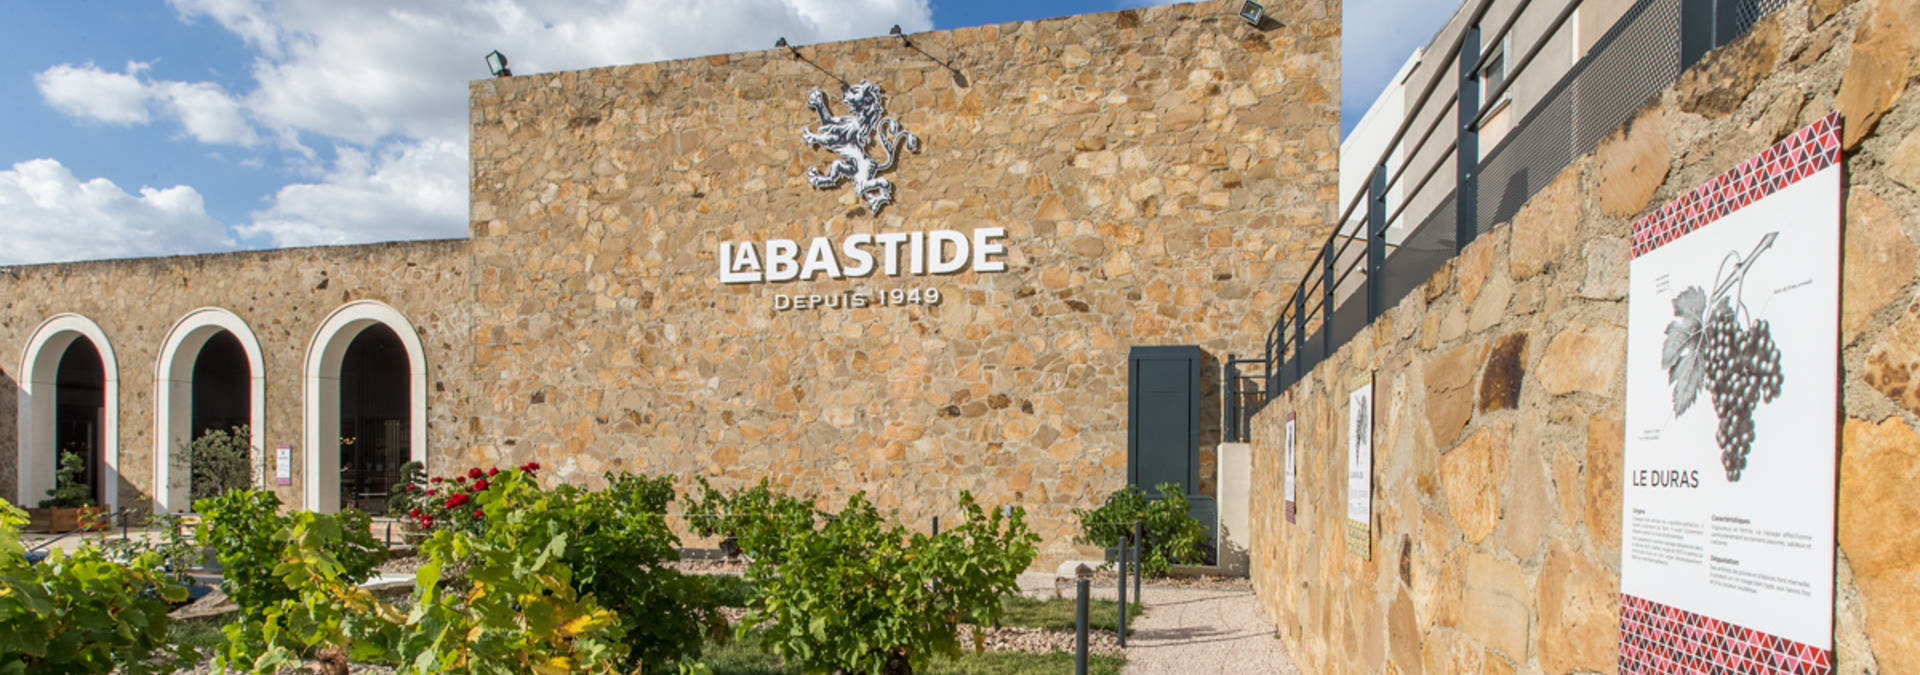 Maison Labastide